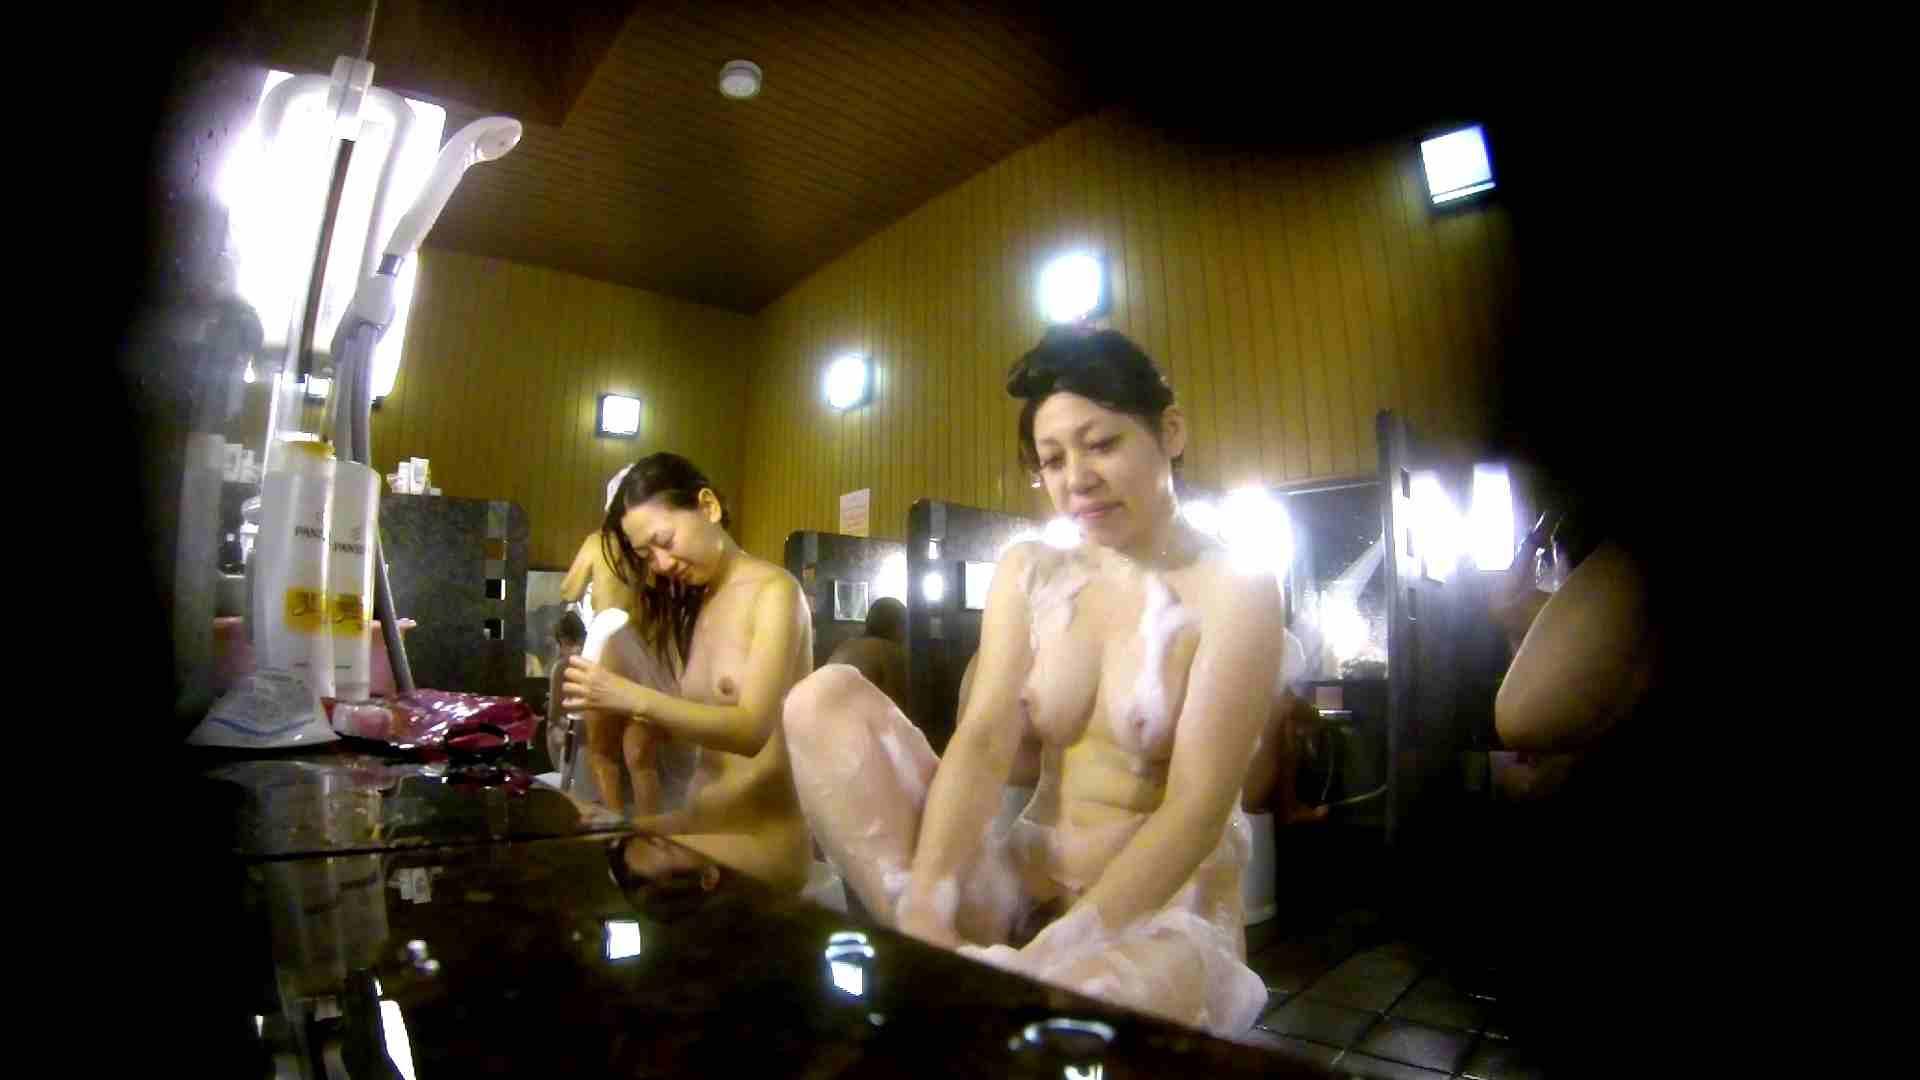 洗い場!柔らかそうな身体は良いけど、歯磨きが下品です。 銭湯特撮 | エロくん潜入  39連発 29